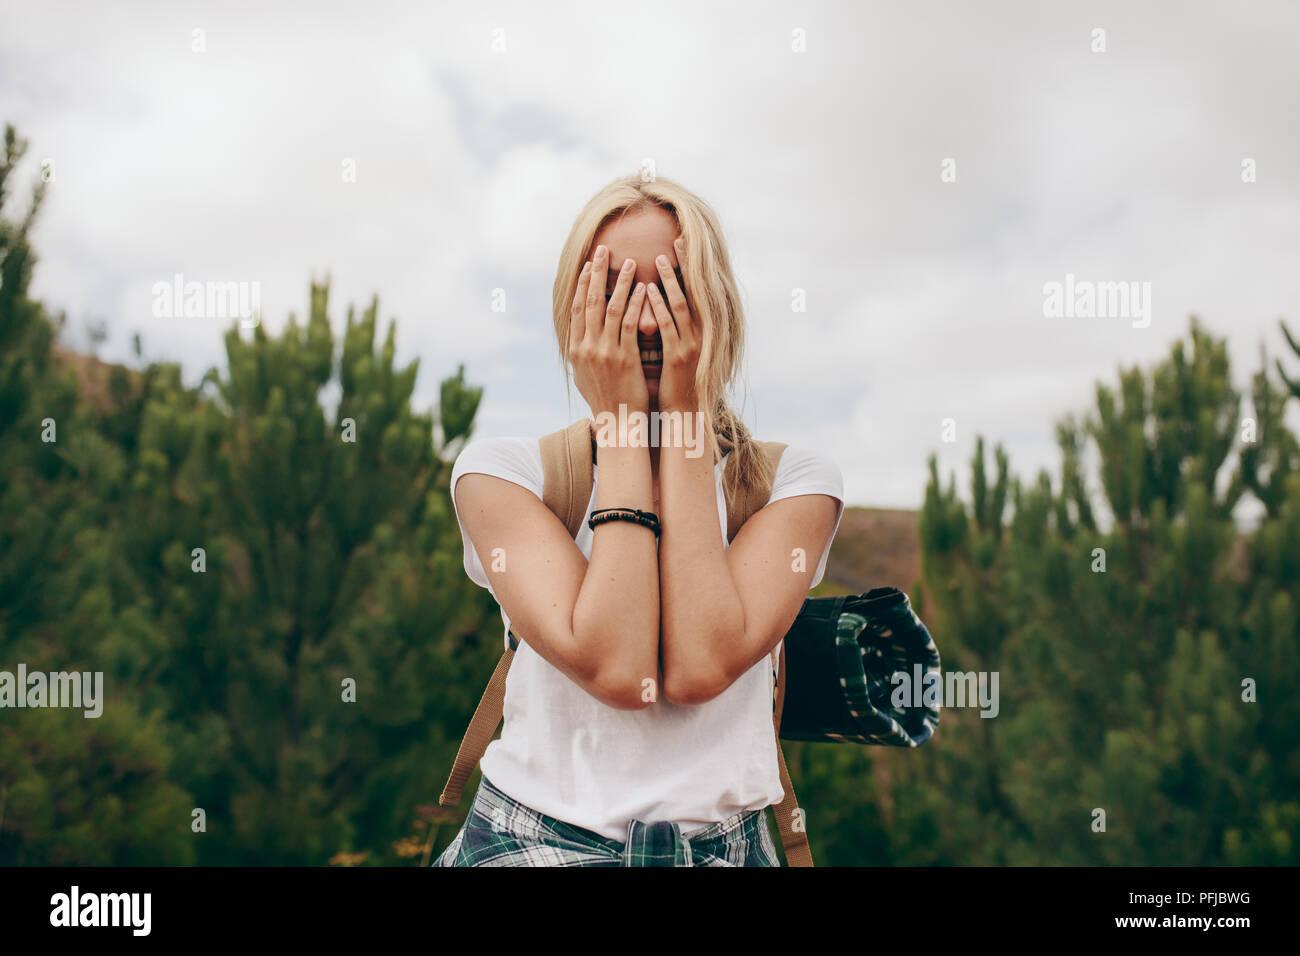 Viaggiatore femmina che copre il volto con le mani in piedi in una foresta. Donna su una vacanza portando una borsa da viaggio. Immagini Stock